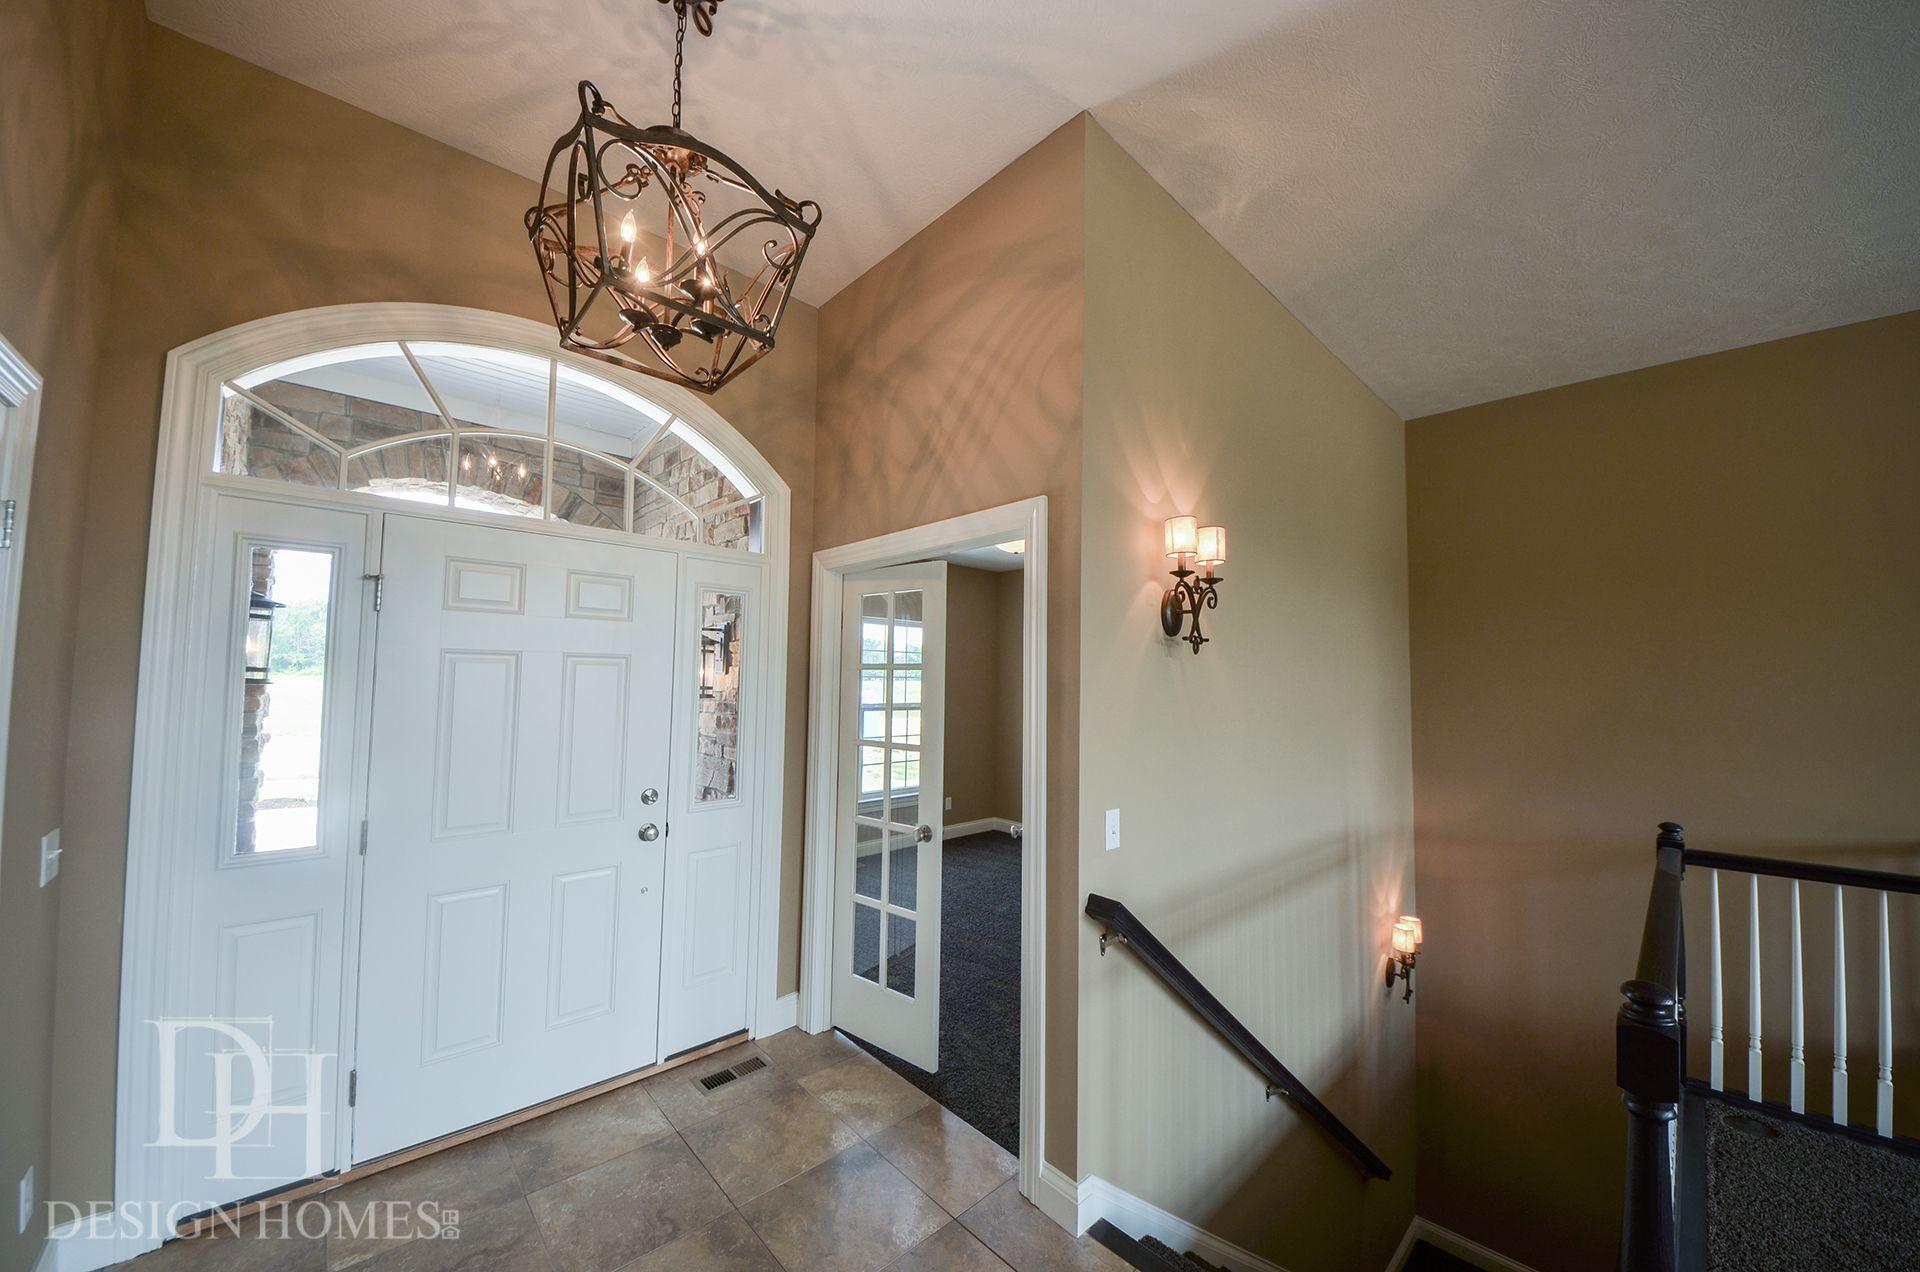 custom builtdesign homes & development co. - dayton, oh